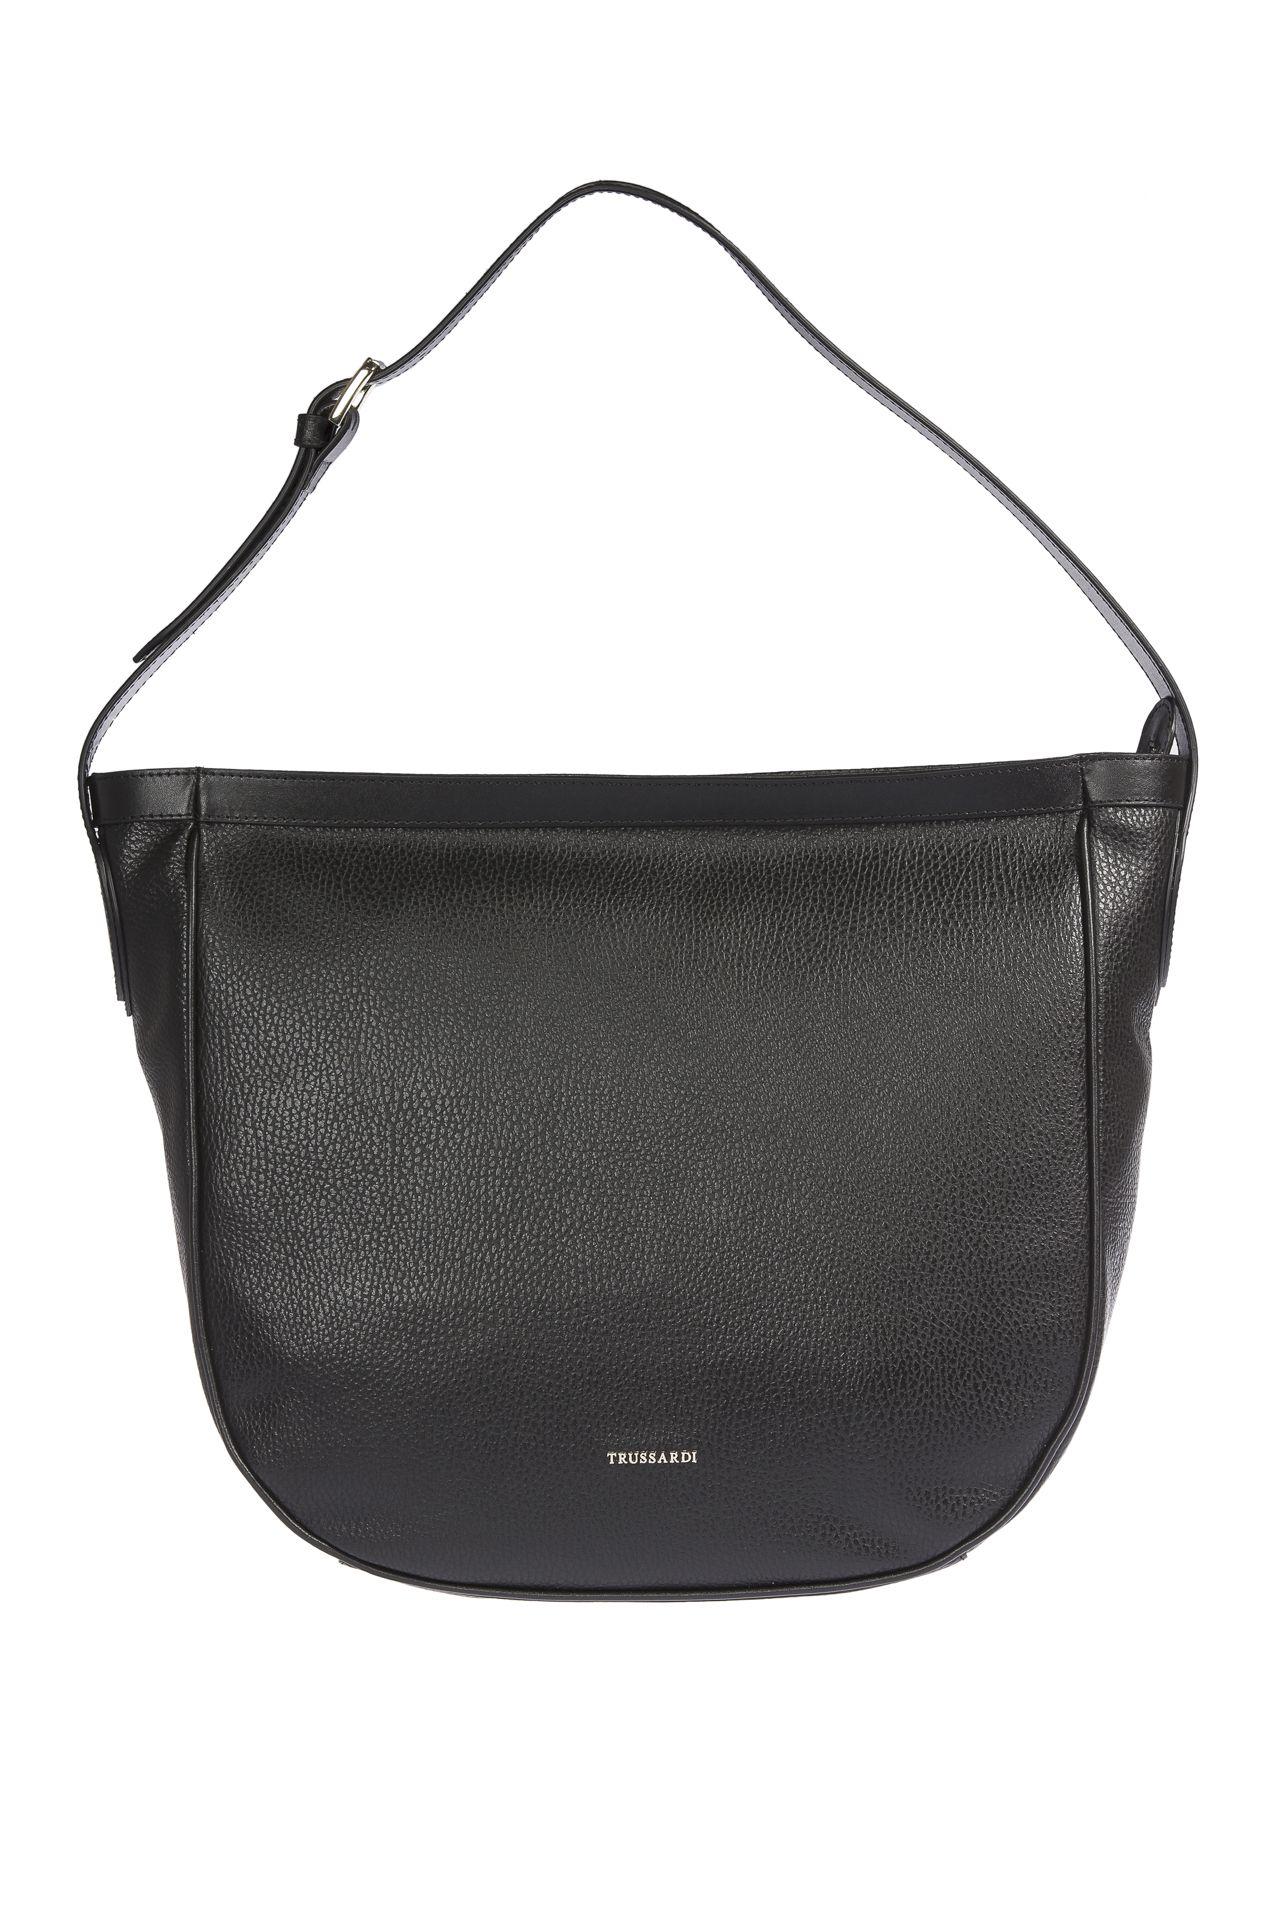 Trussardi Women's Shoulder Bag Black 1DB517_19Black